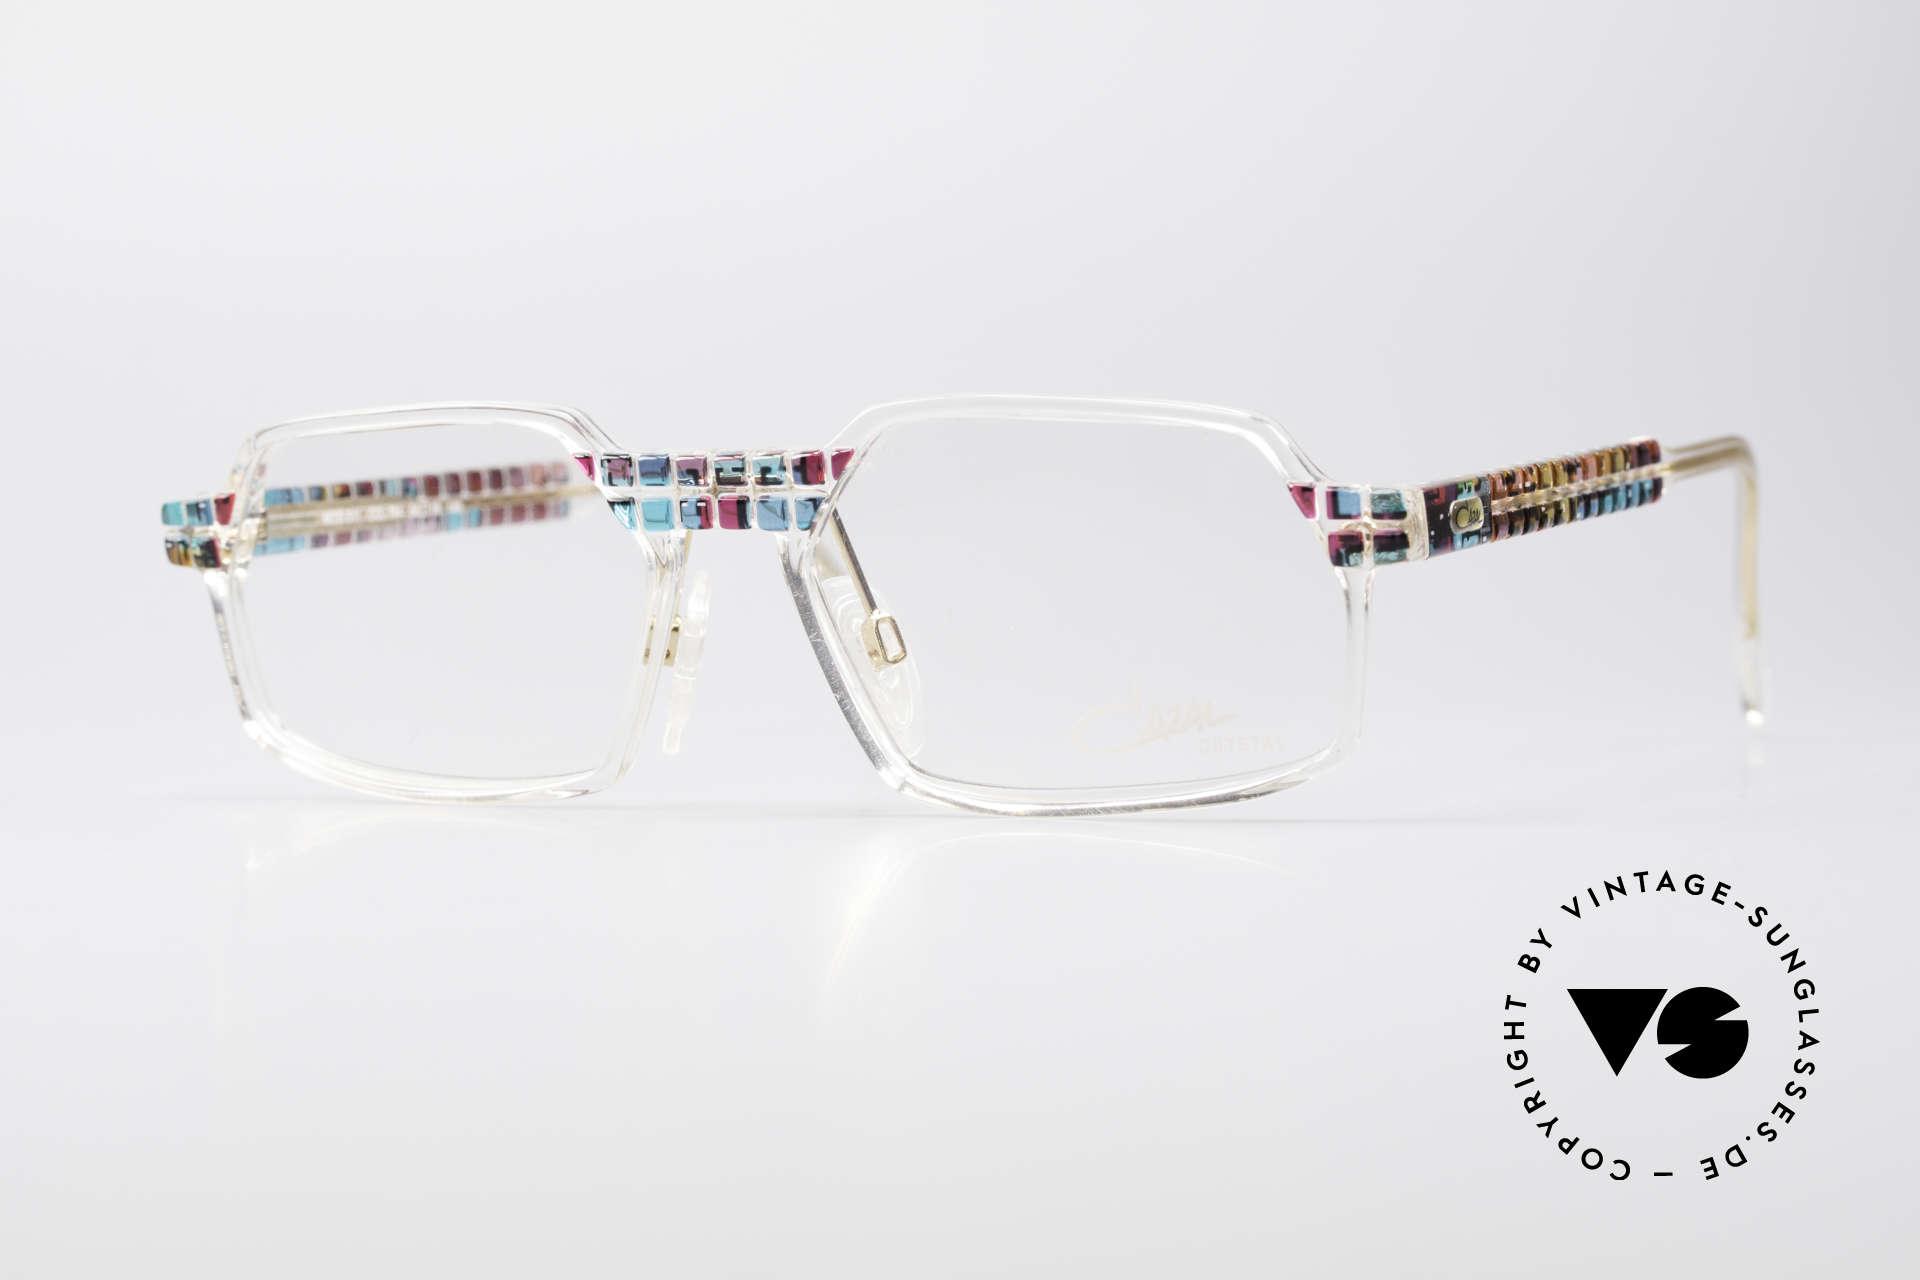 Cazal 511 Crystal Limited Vintage Cazal, seltene vintage Brille der Cazal Crystal 500er Serie, Passend für Herren und Damen